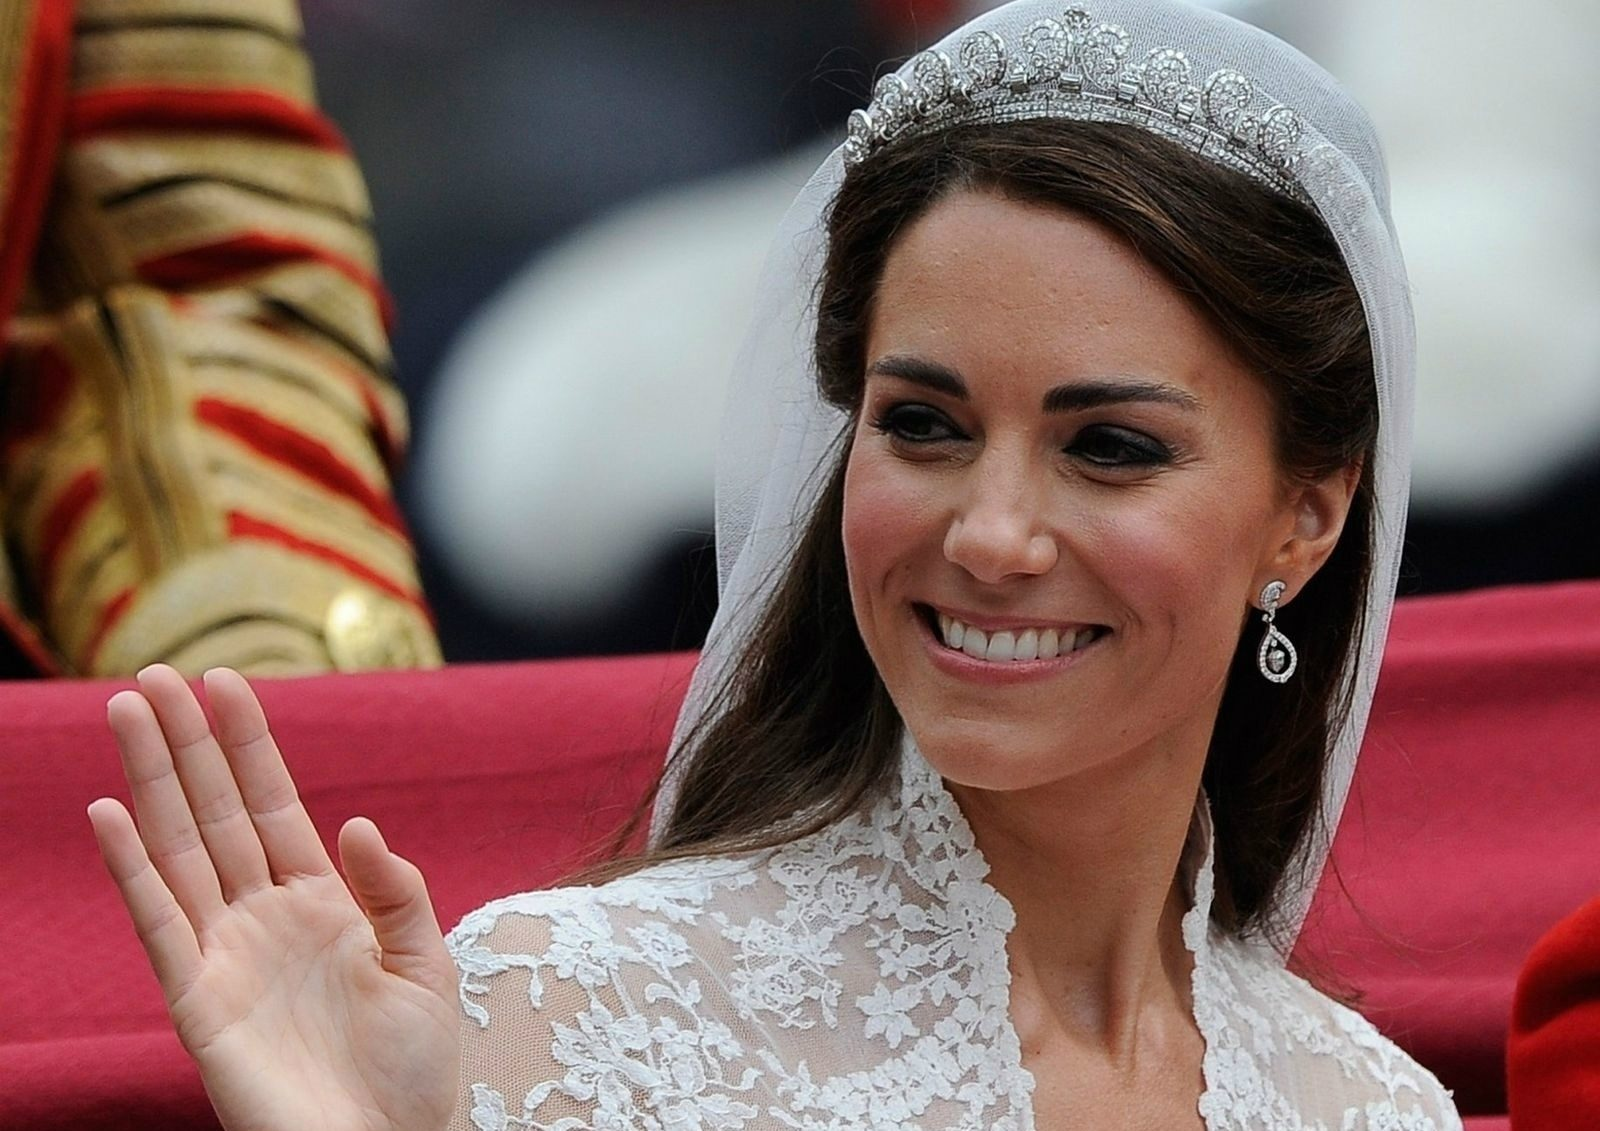 Кейт Миддлтон свадебный макияж